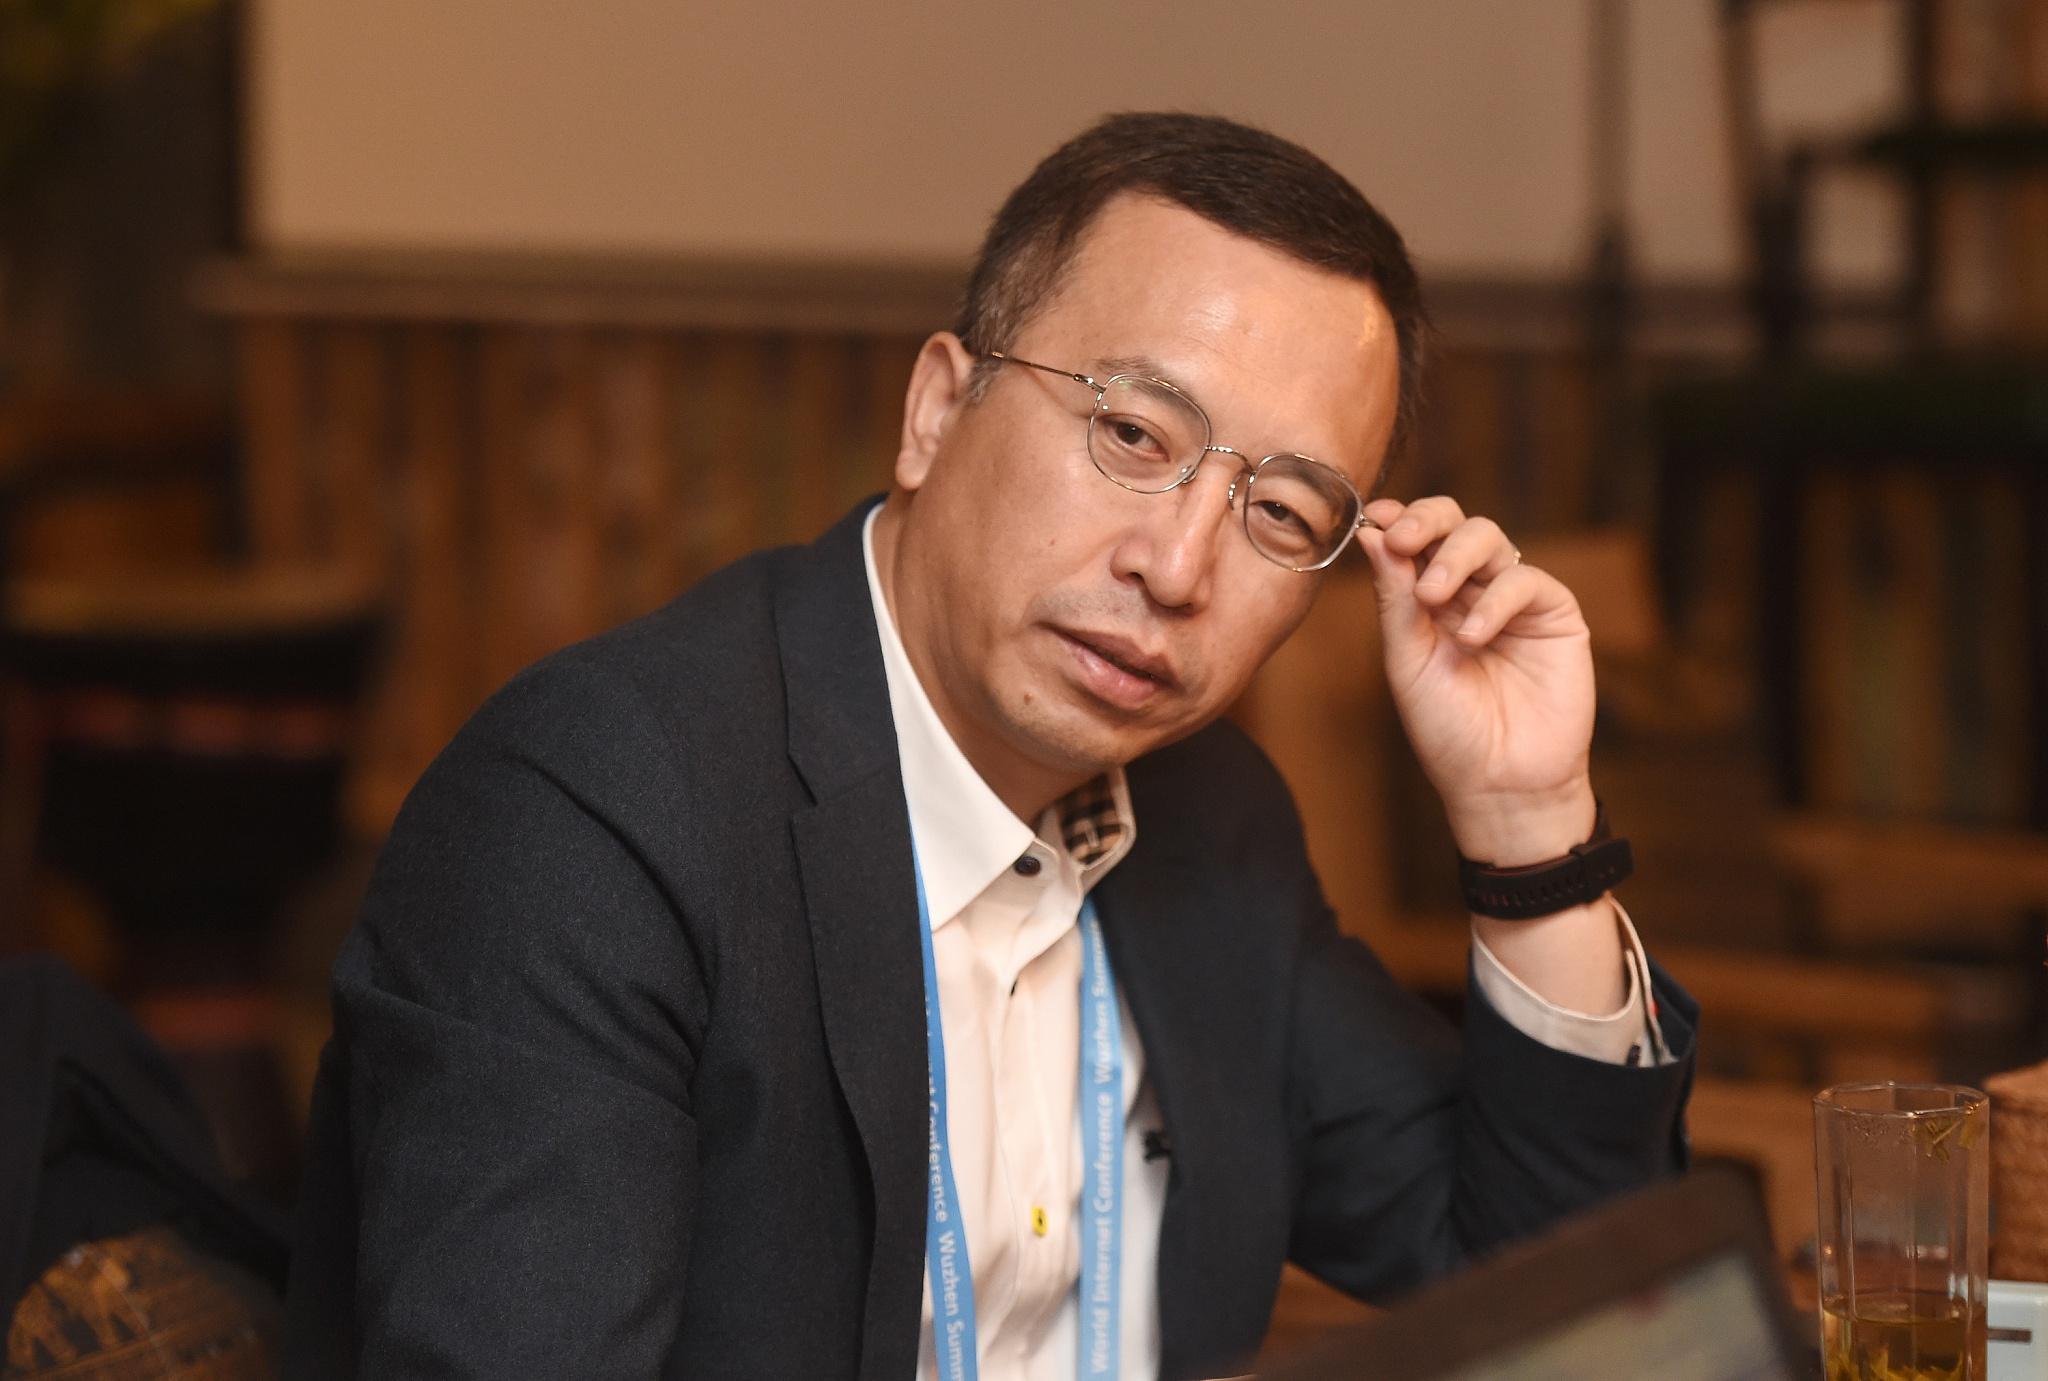 赵明称荣耀不造车,仍聚焦手机领域,未来要超苹果三星做全球第一